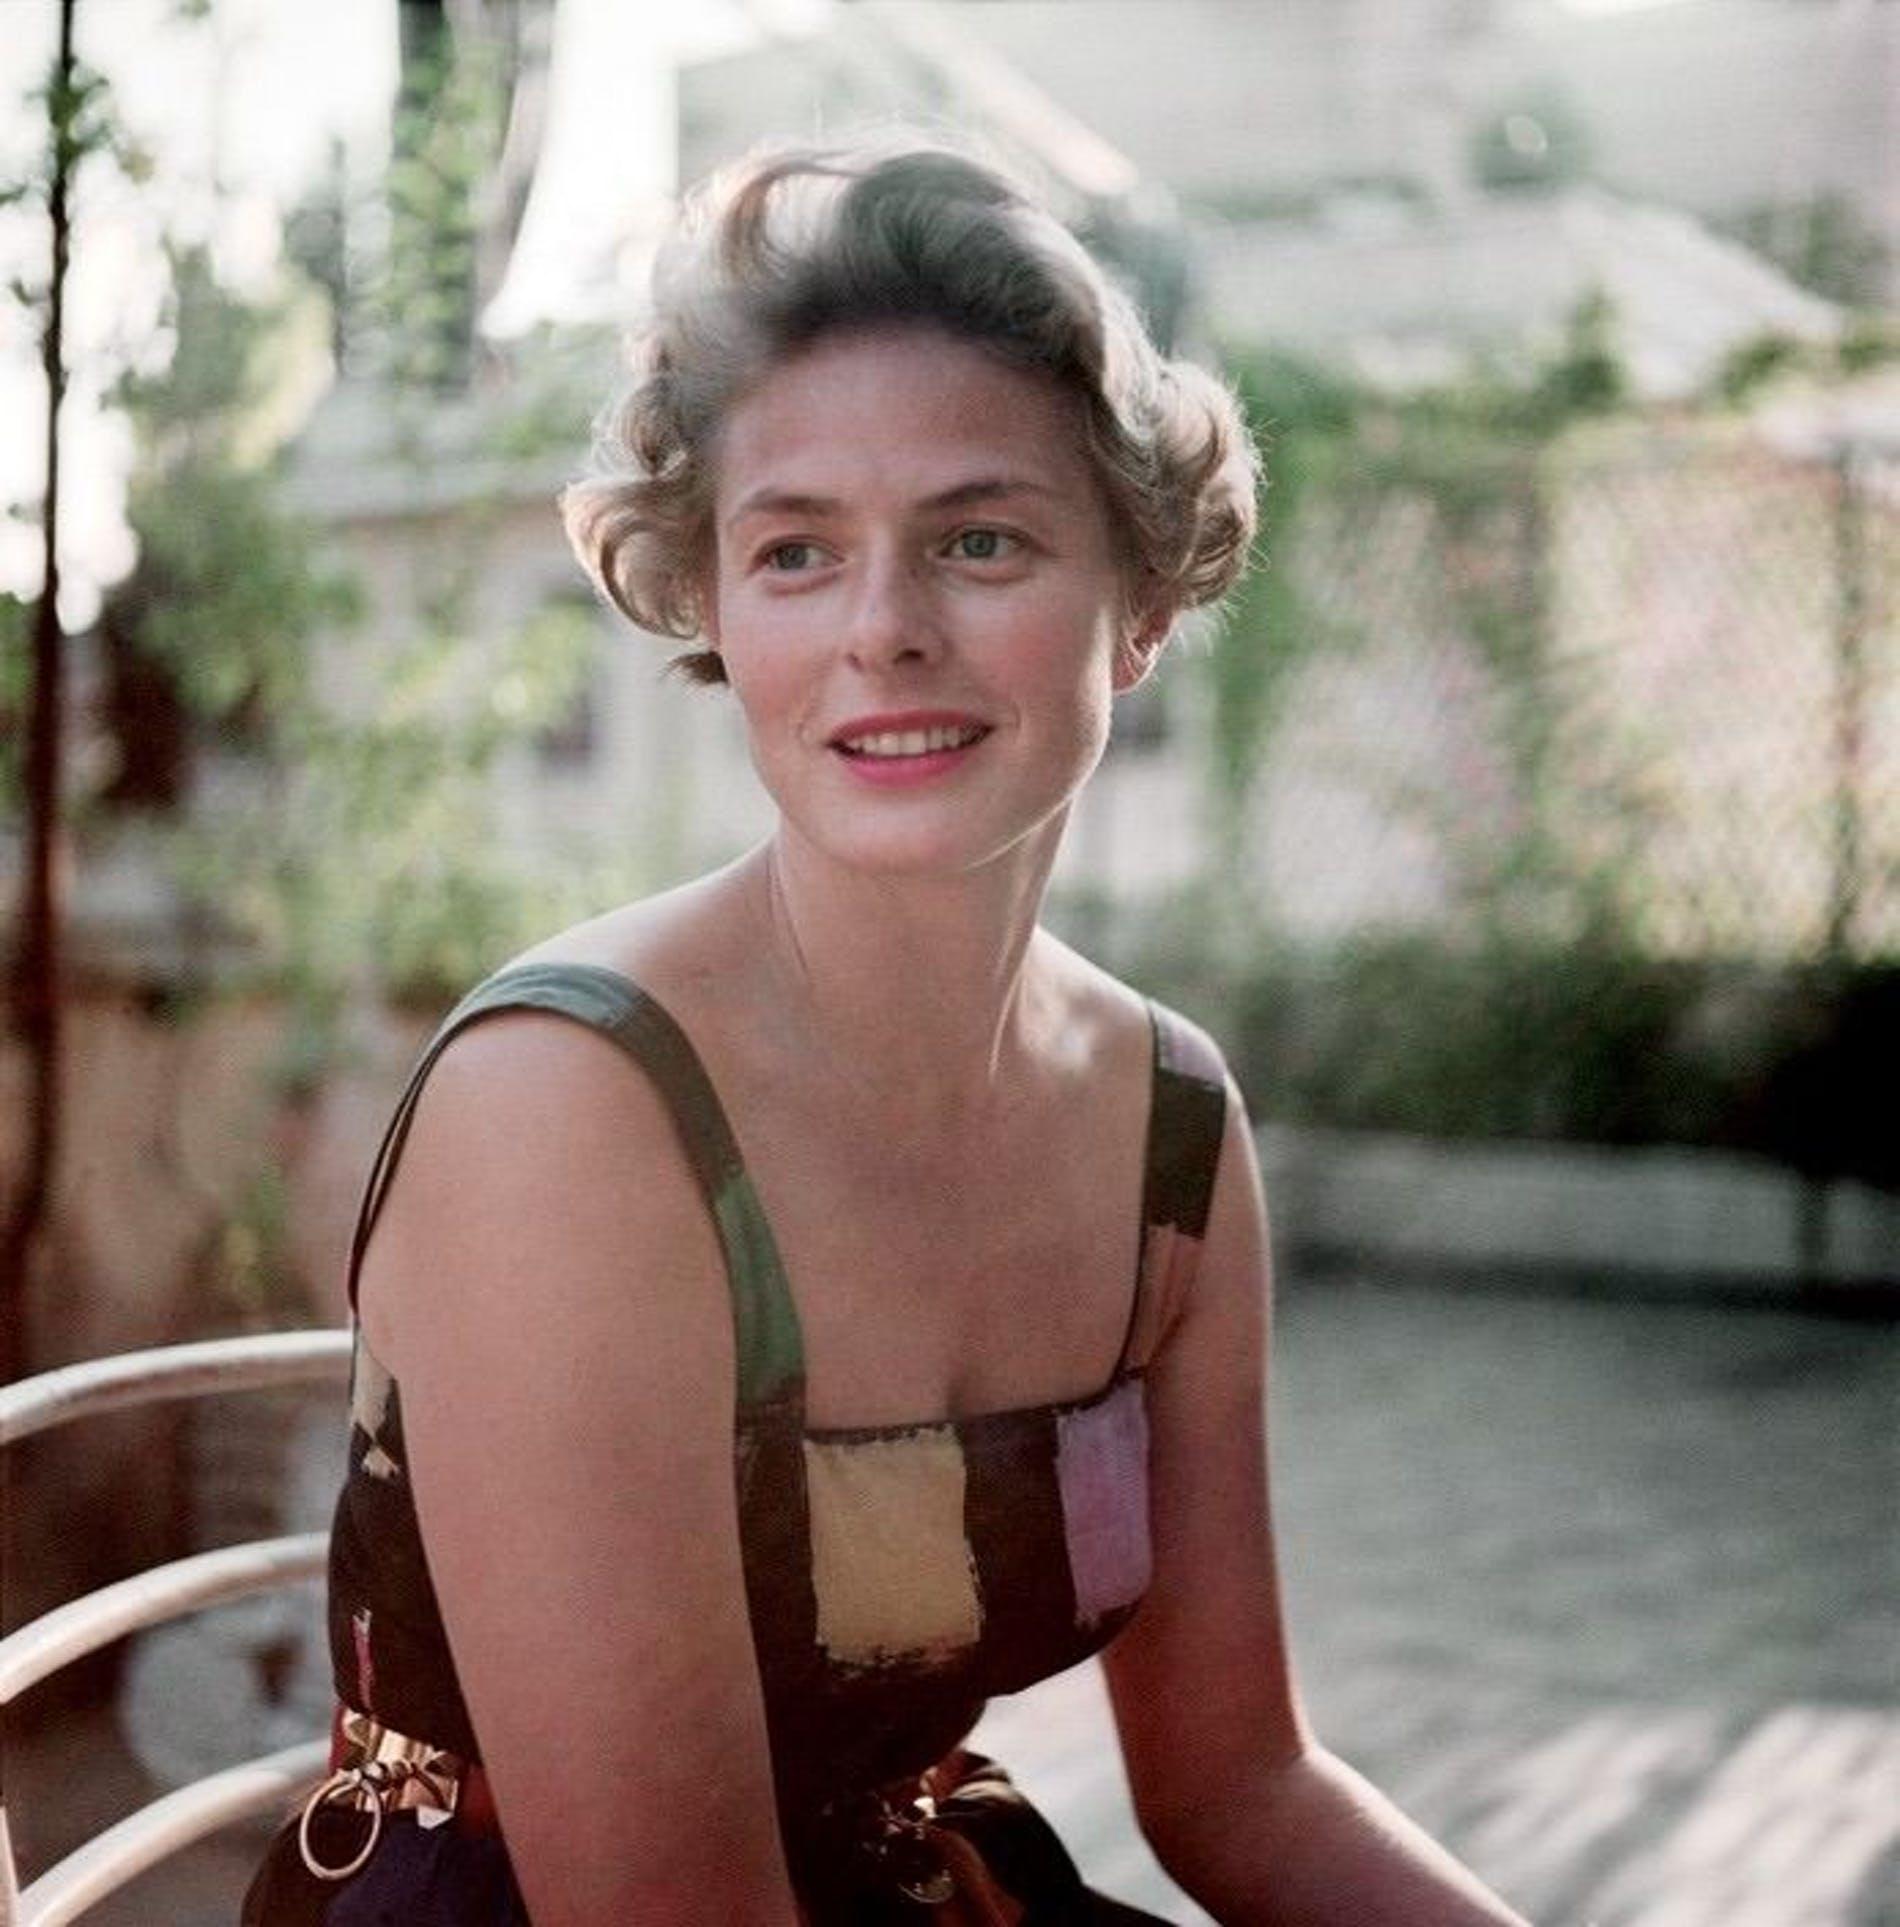 El mundo de las Rosas - Variedades de Rosas - Ingrid Bergman